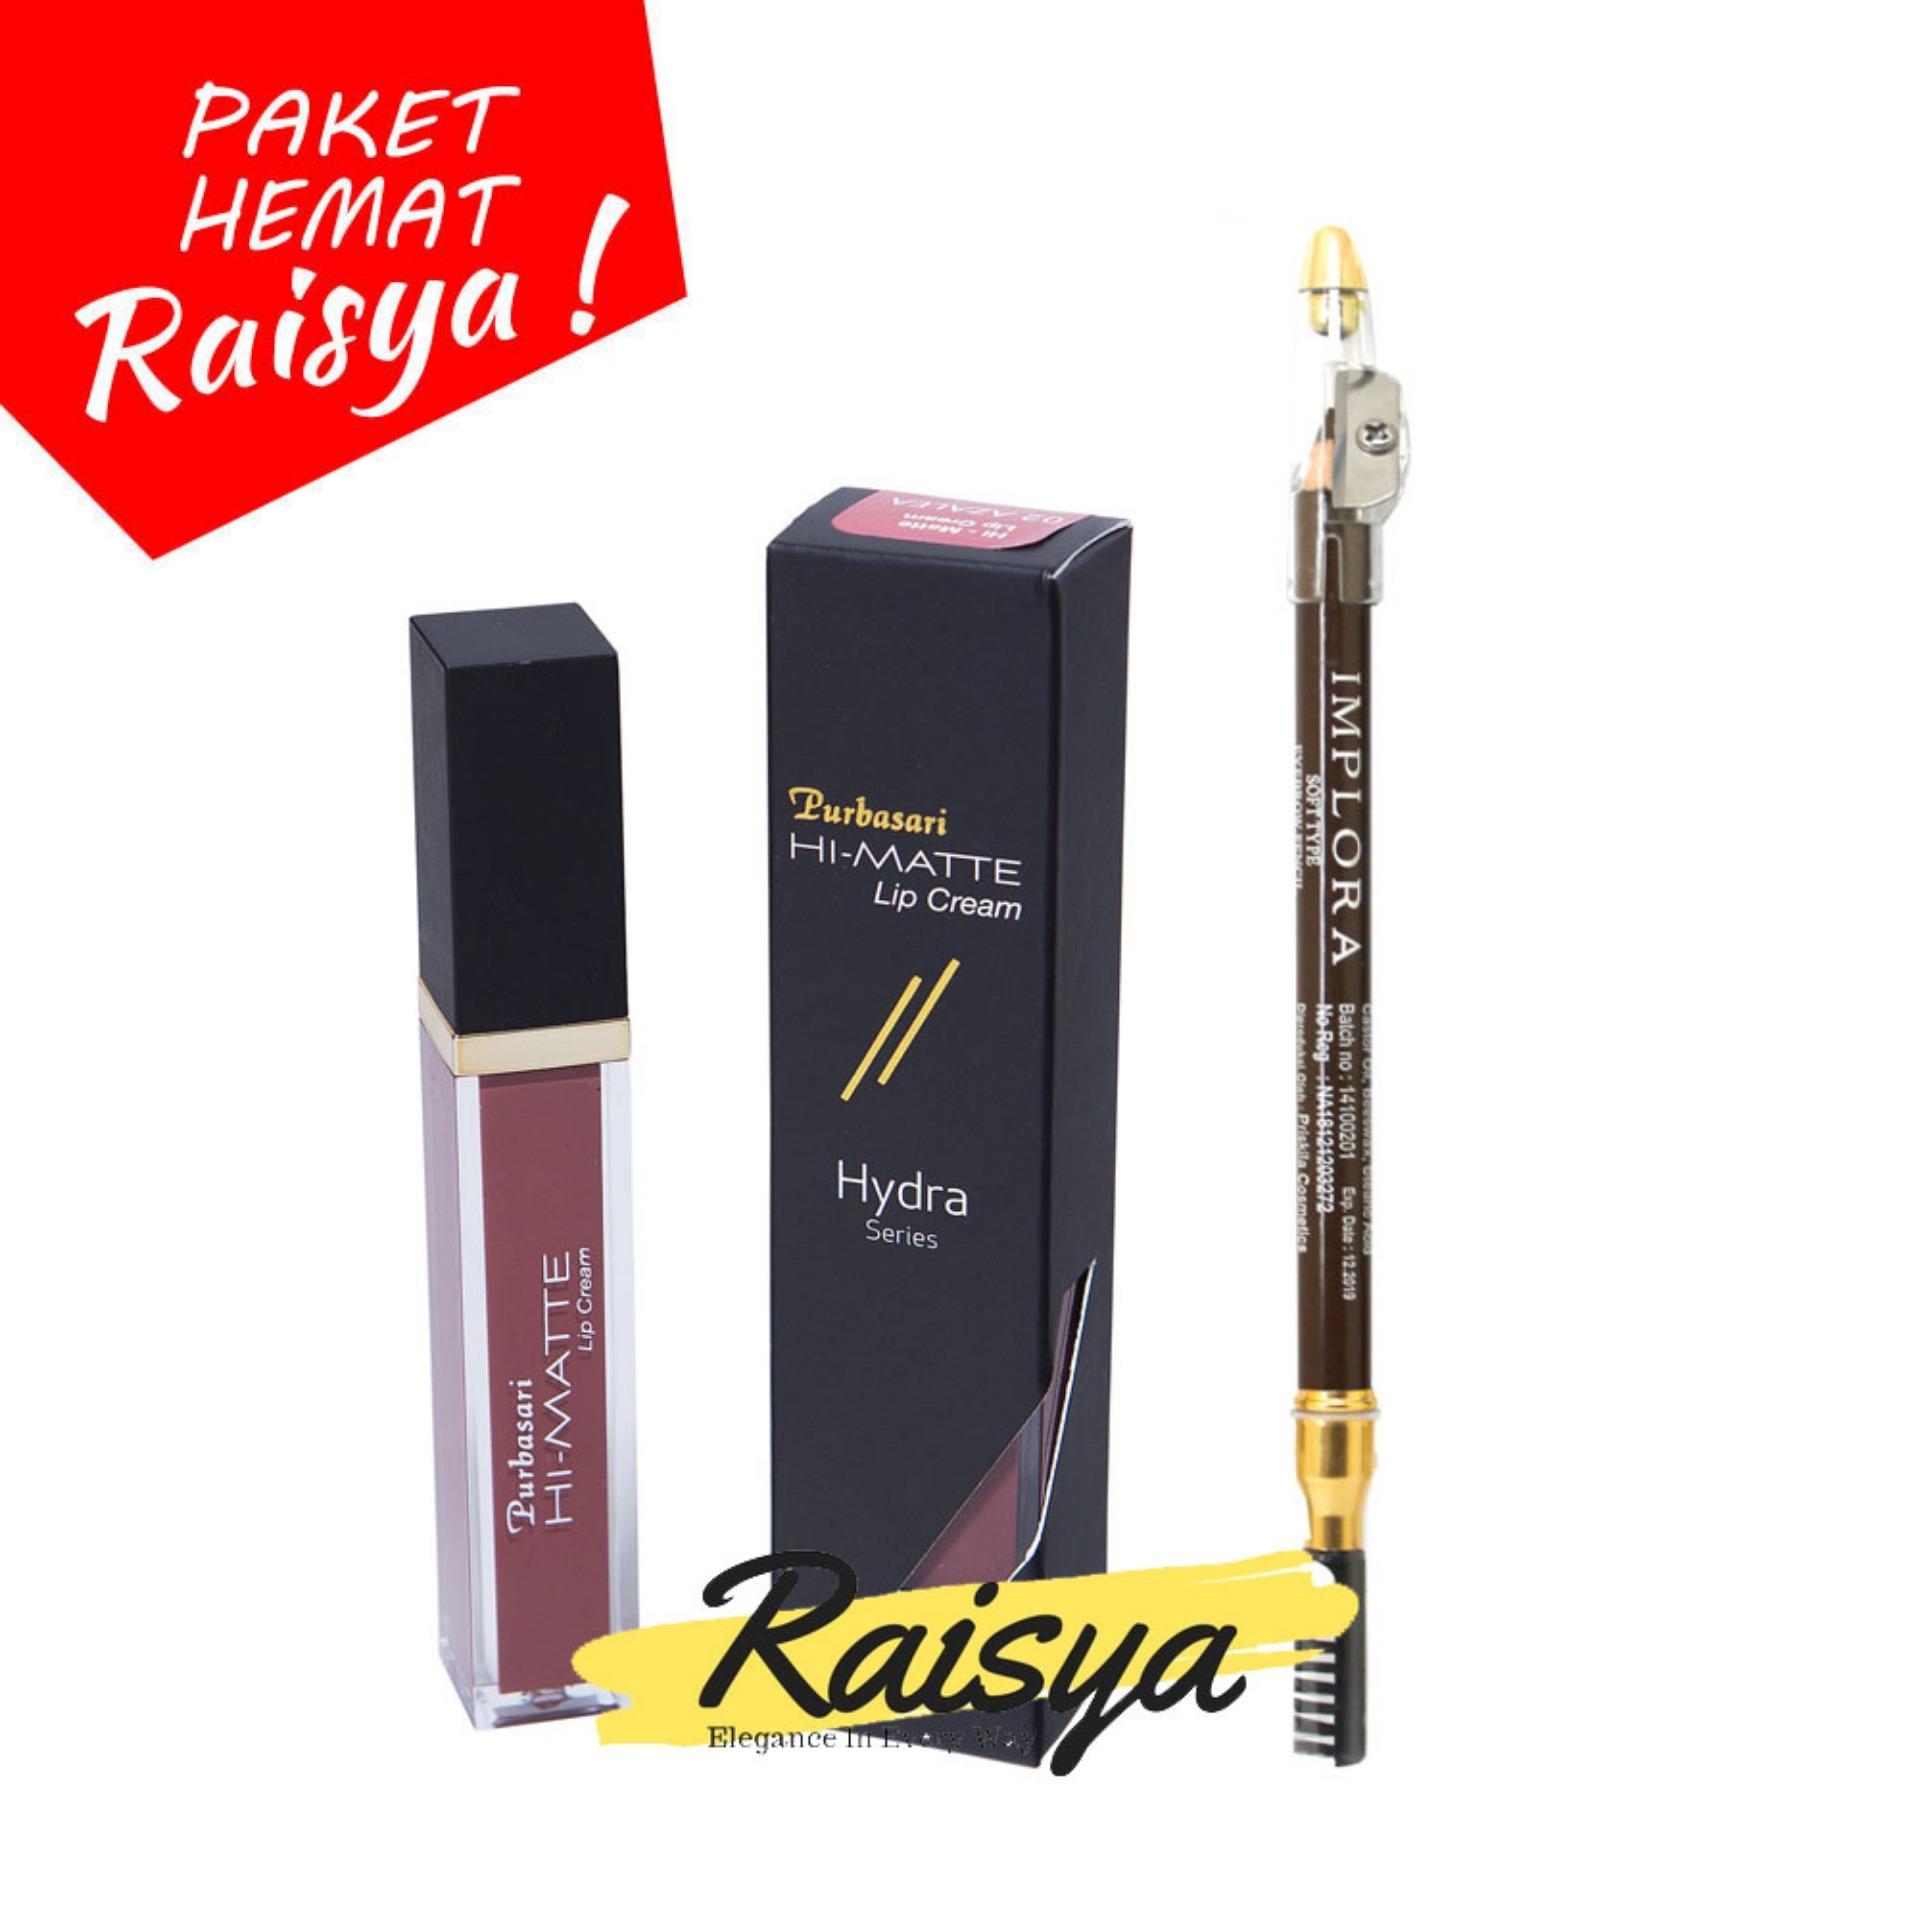 Purbasari Hi-Matte Lip Cream No. 03 Lantana Free Implora Pensil Alis Coklat Resmi BPOM